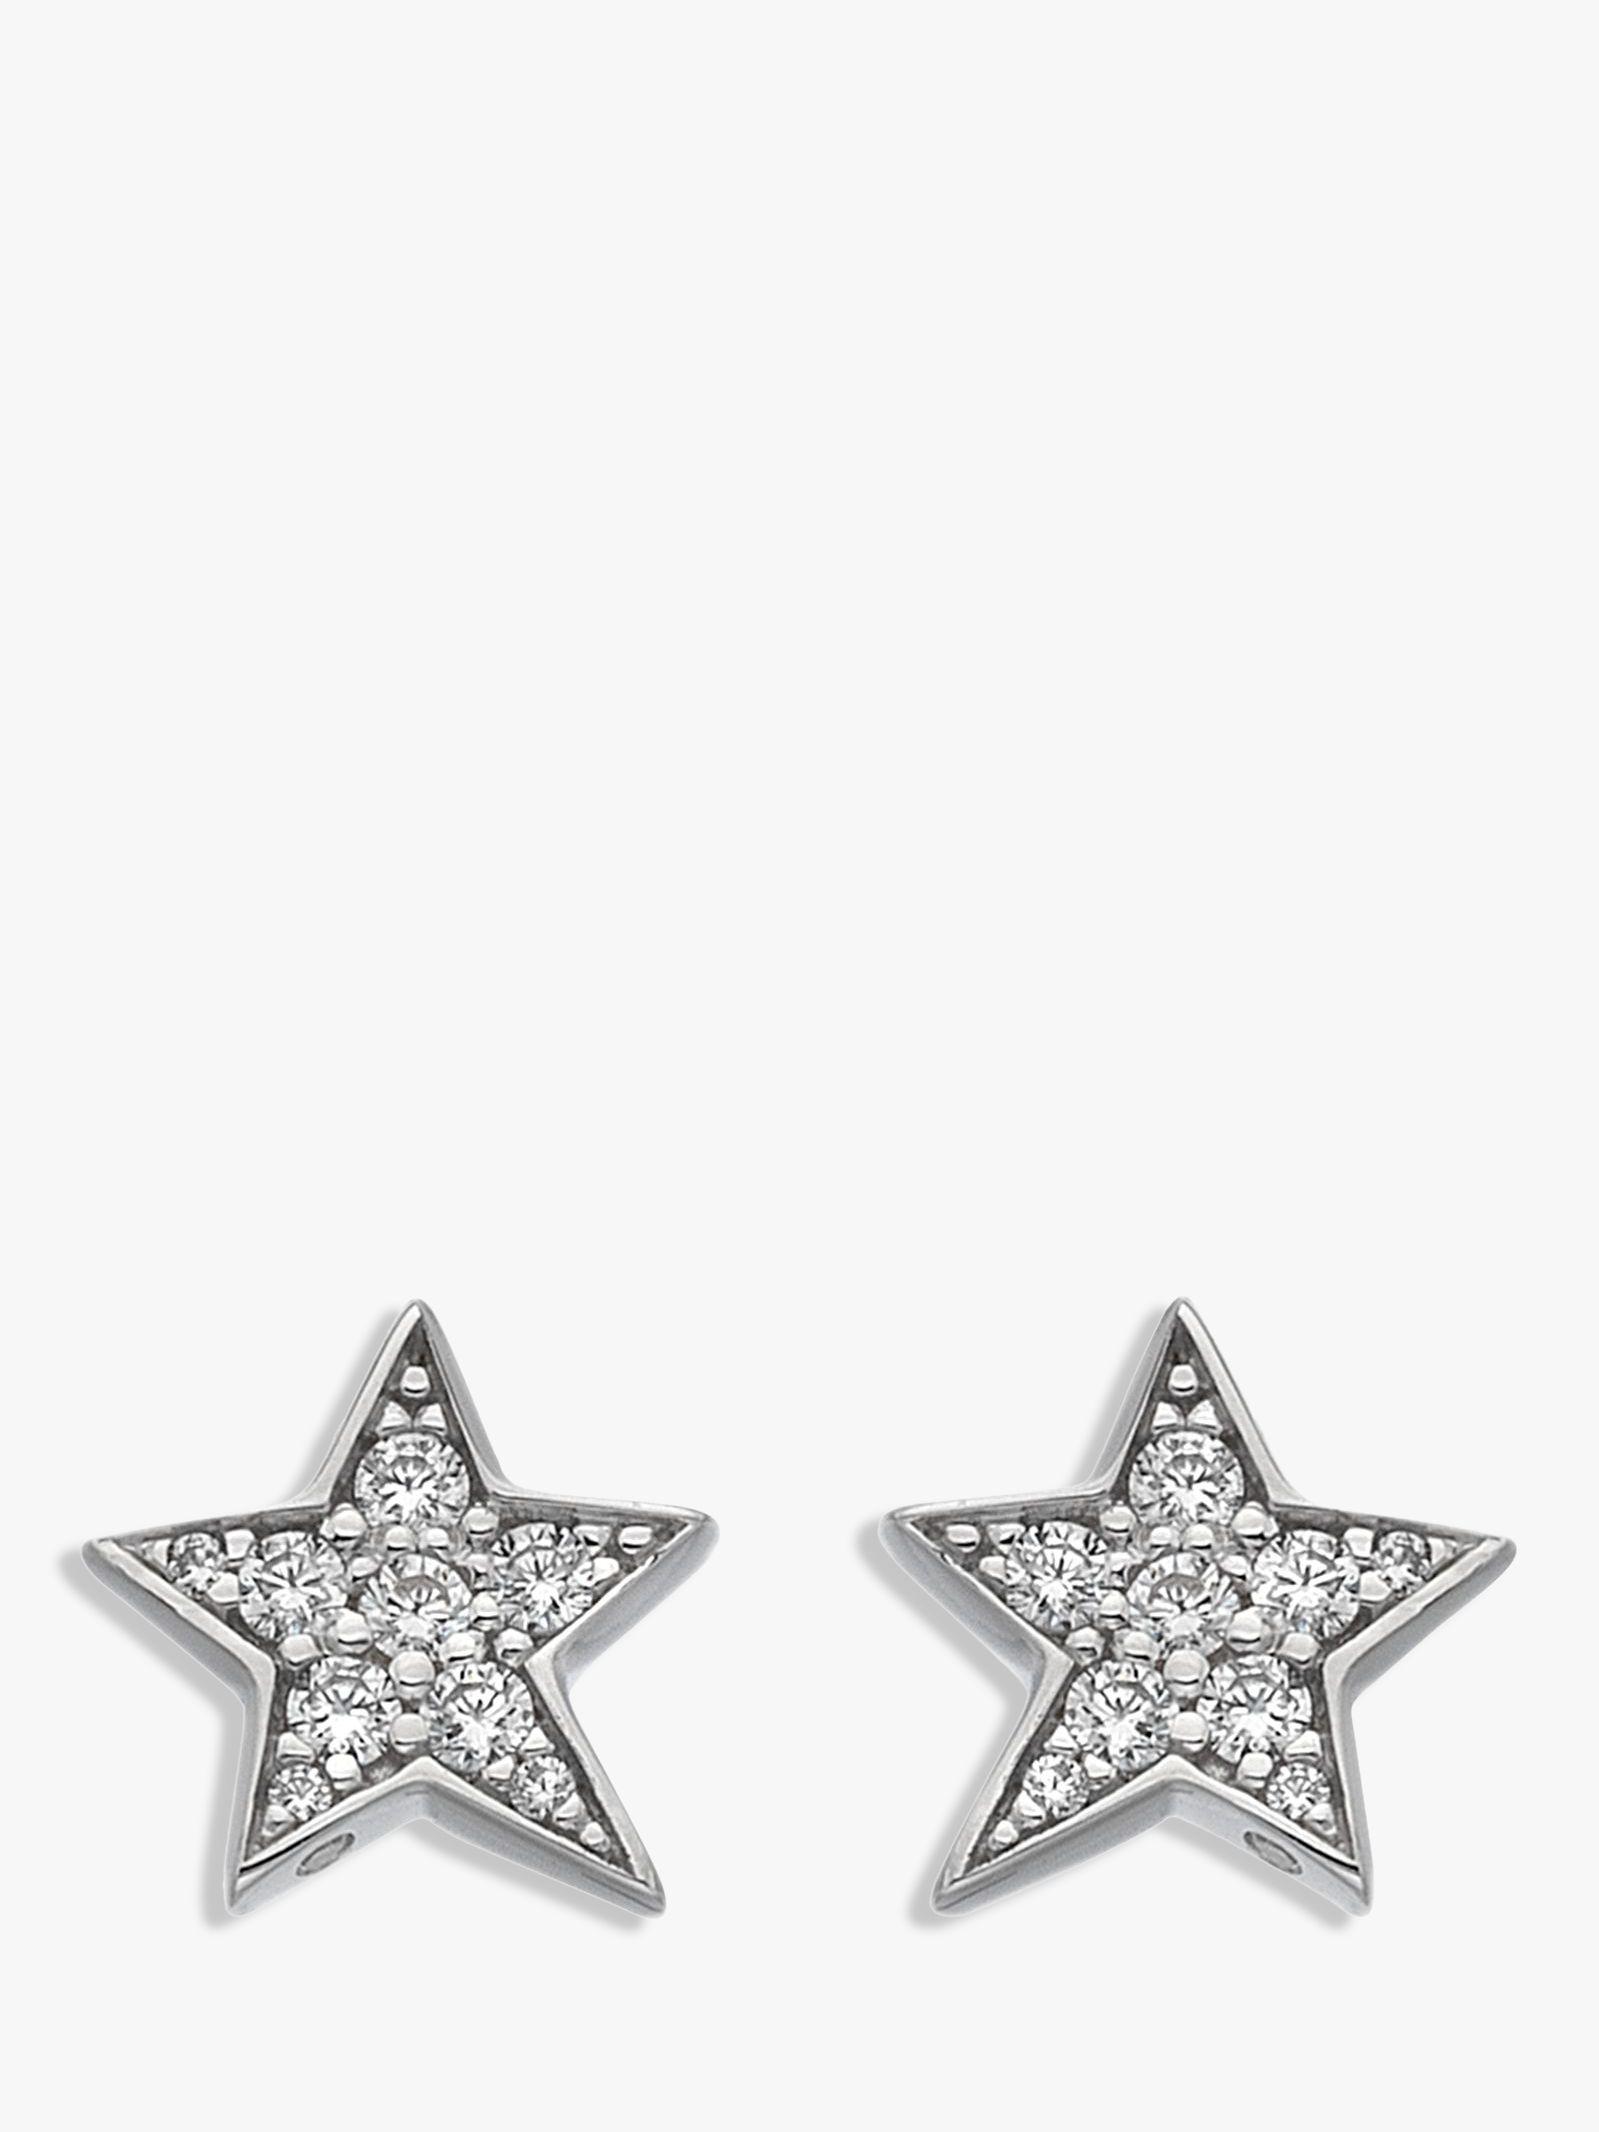 Hot Diamonds Hot Diamonds Sterling Silver Star Stud Earrings, Silver